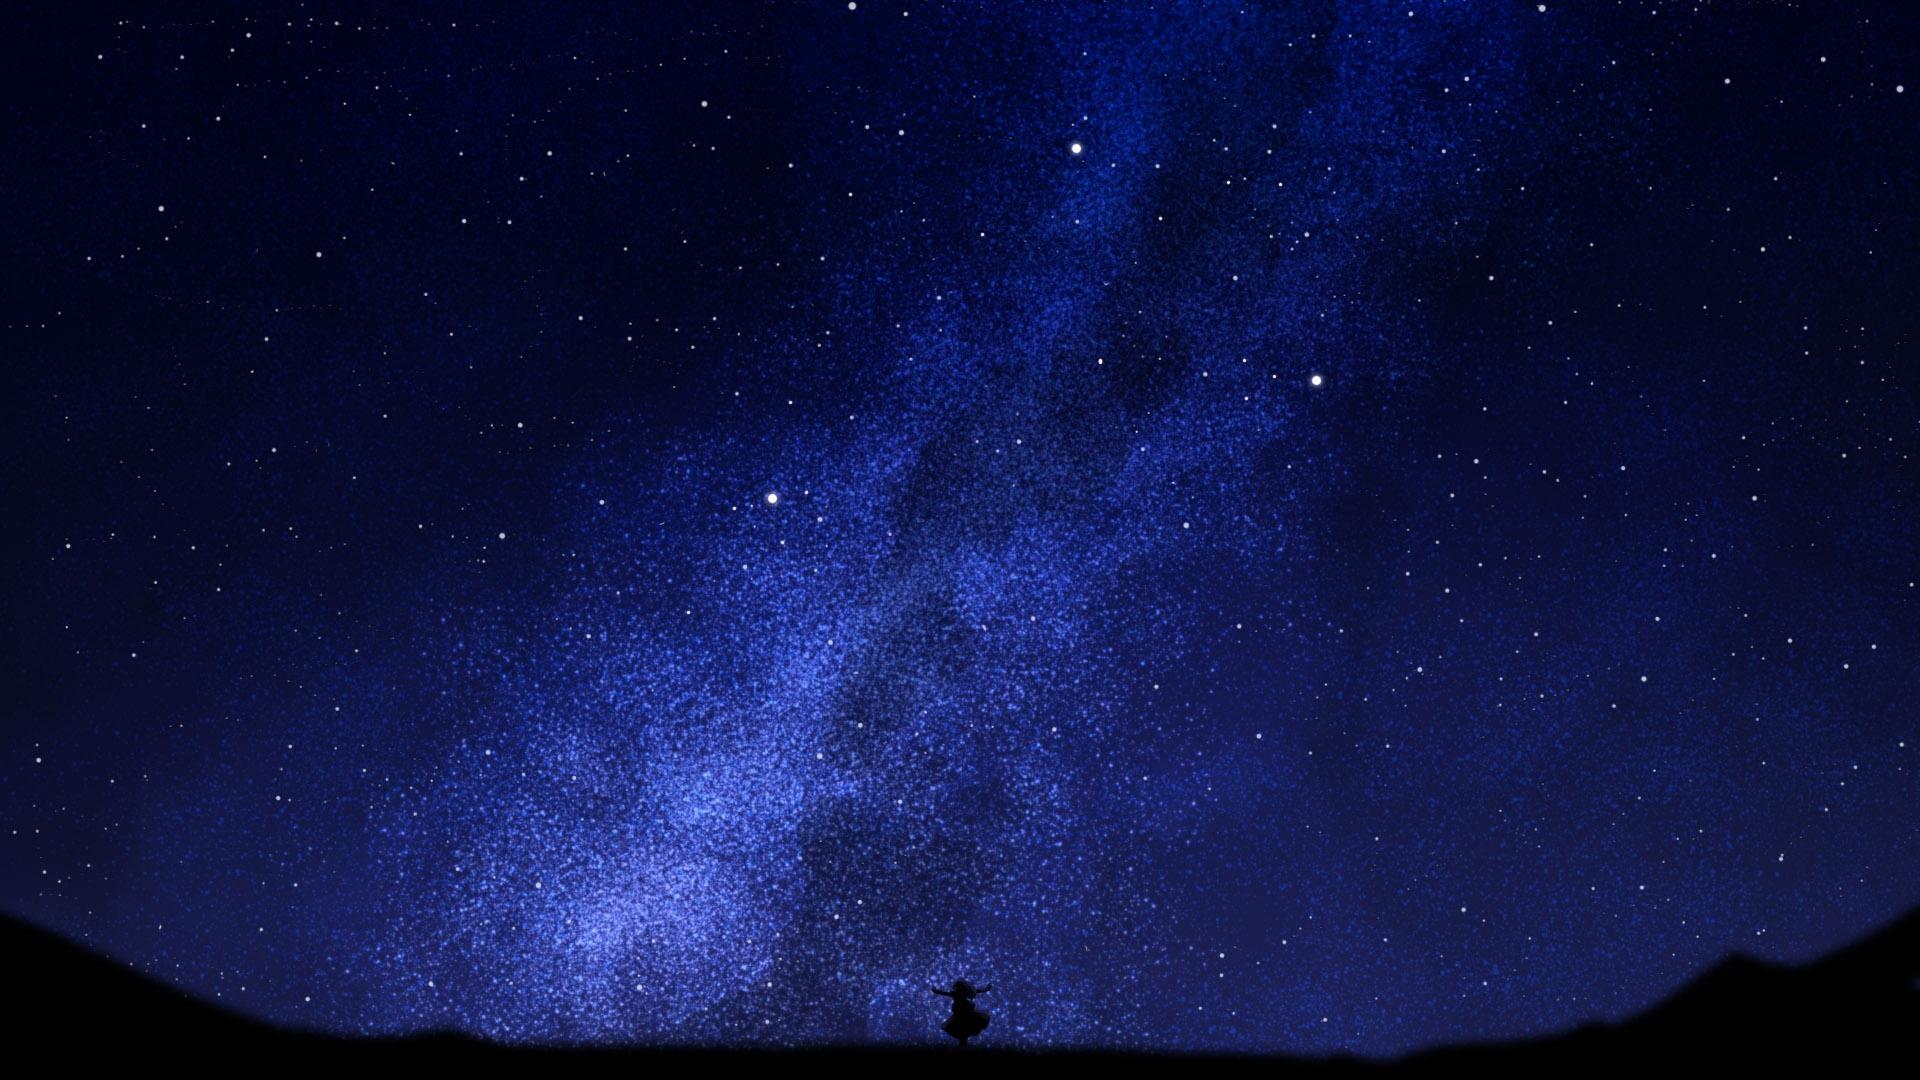 背景 壁纸 皮肤 星空 宇宙